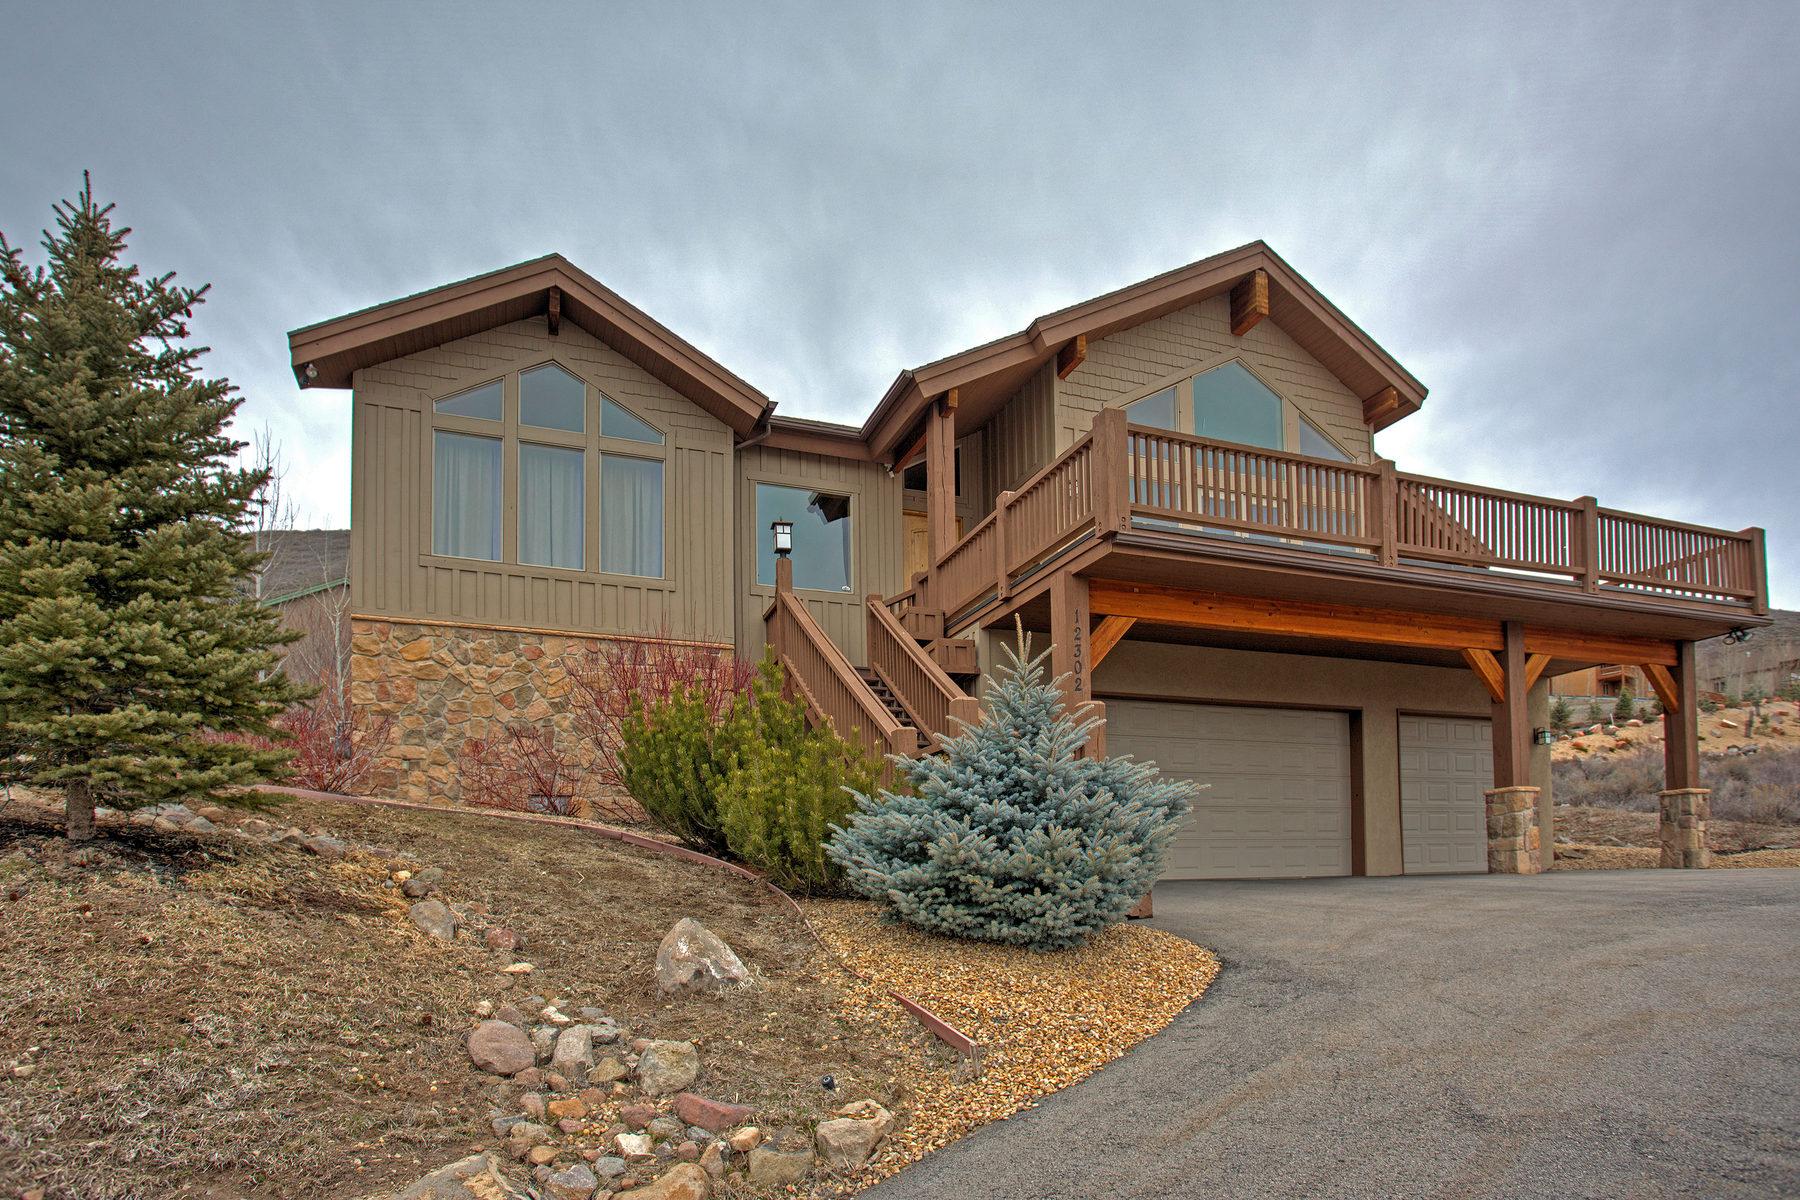 Villa per Vendita alle ore Great Home, Great Location, Great Views, Great Price 12302 N Deer Mountain Blvd Heber City, Utah 84032 Stati Uniti